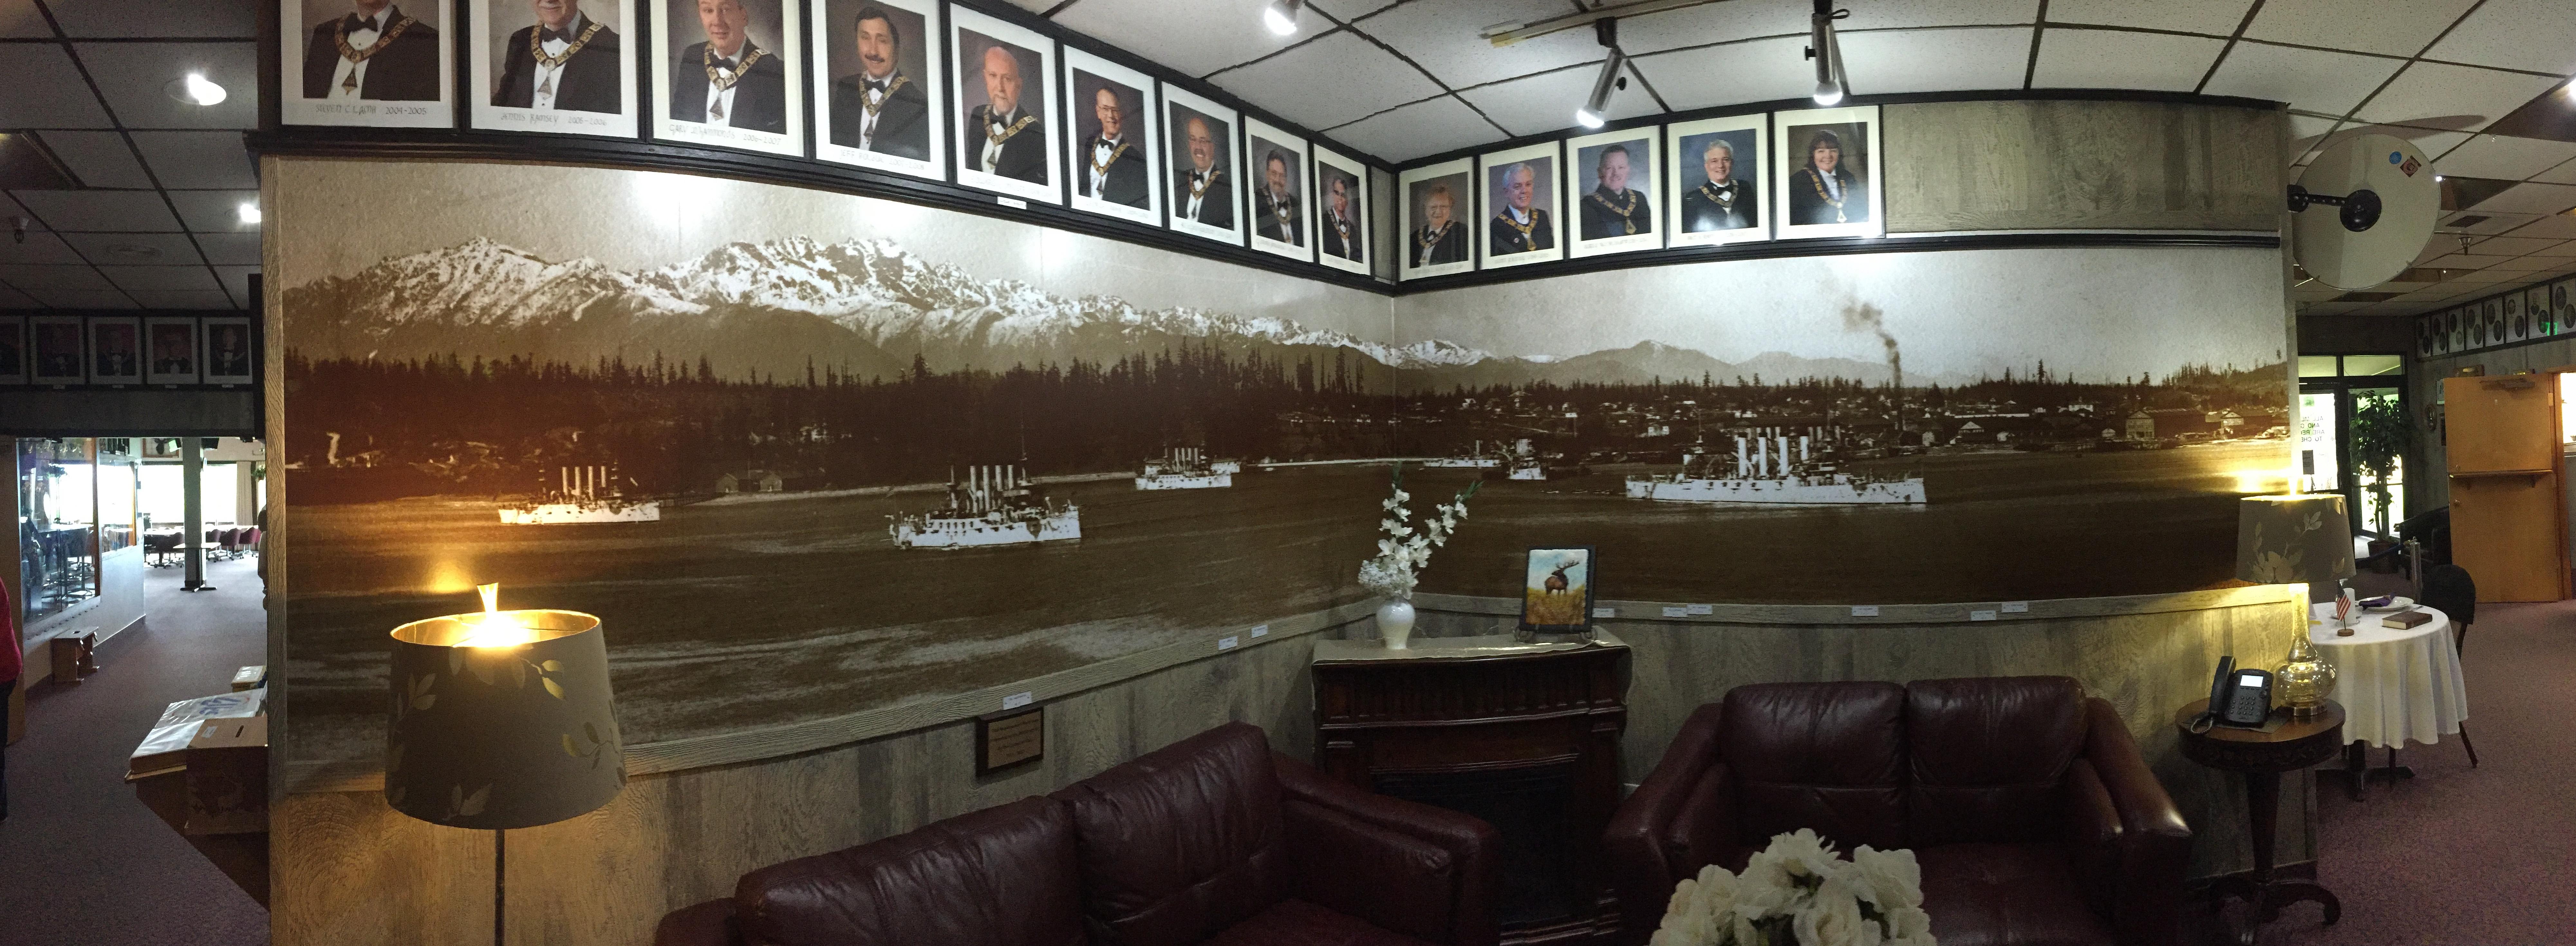 naval ships wall